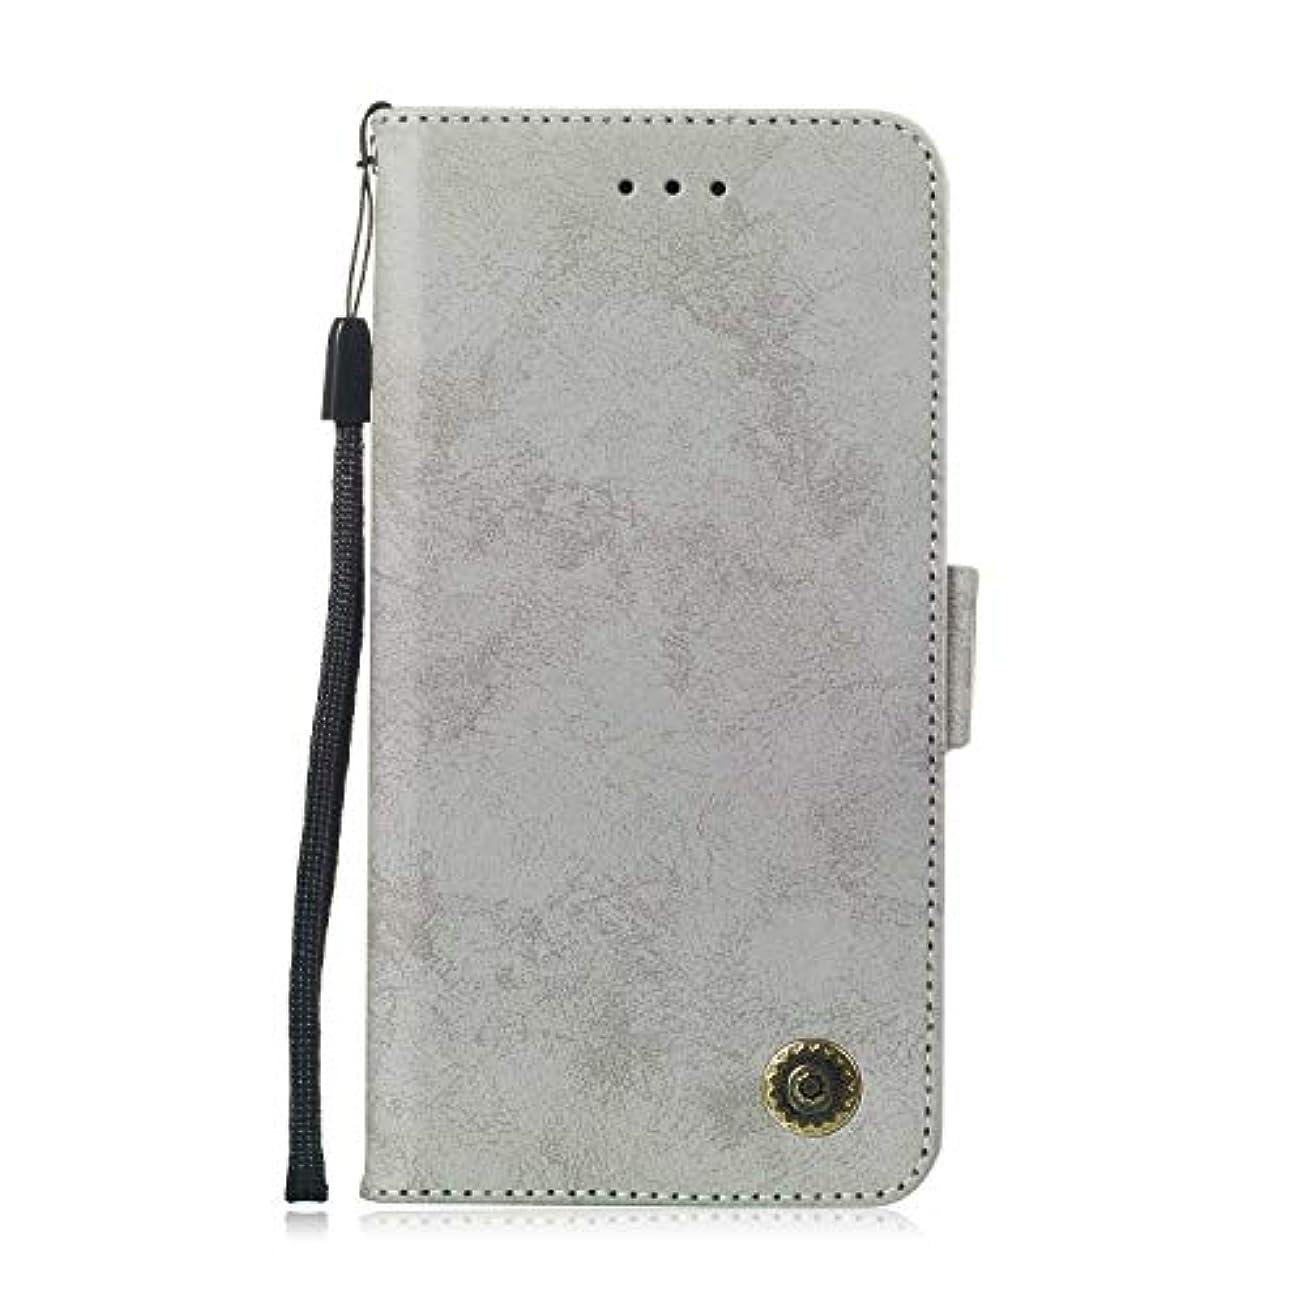 こどもの宮殿悪魔元のZeebox® Huawei Mate 20 Lite 手帳型ケース Huawei Mate 20 Lite 手帳型カバー 財布型 合皮PUレザー マグネット式 保護ケース カード収納 スタンド 機能 (グレー #5)